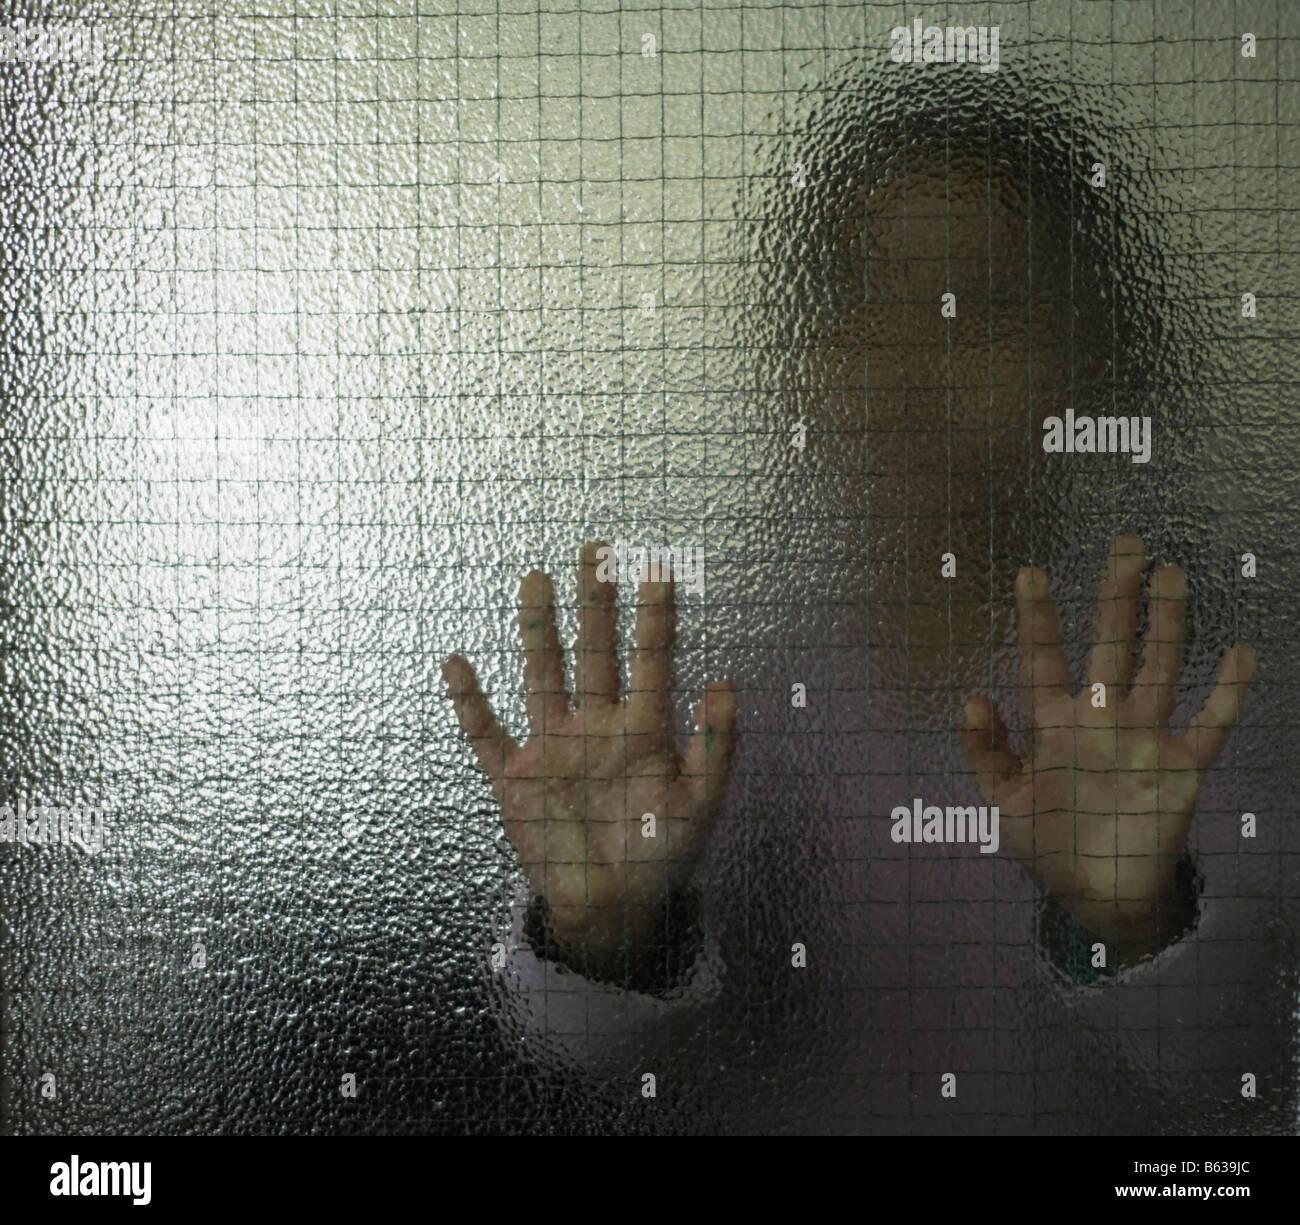 Bambina di cinque anni dietro il vetro Immagini Stock